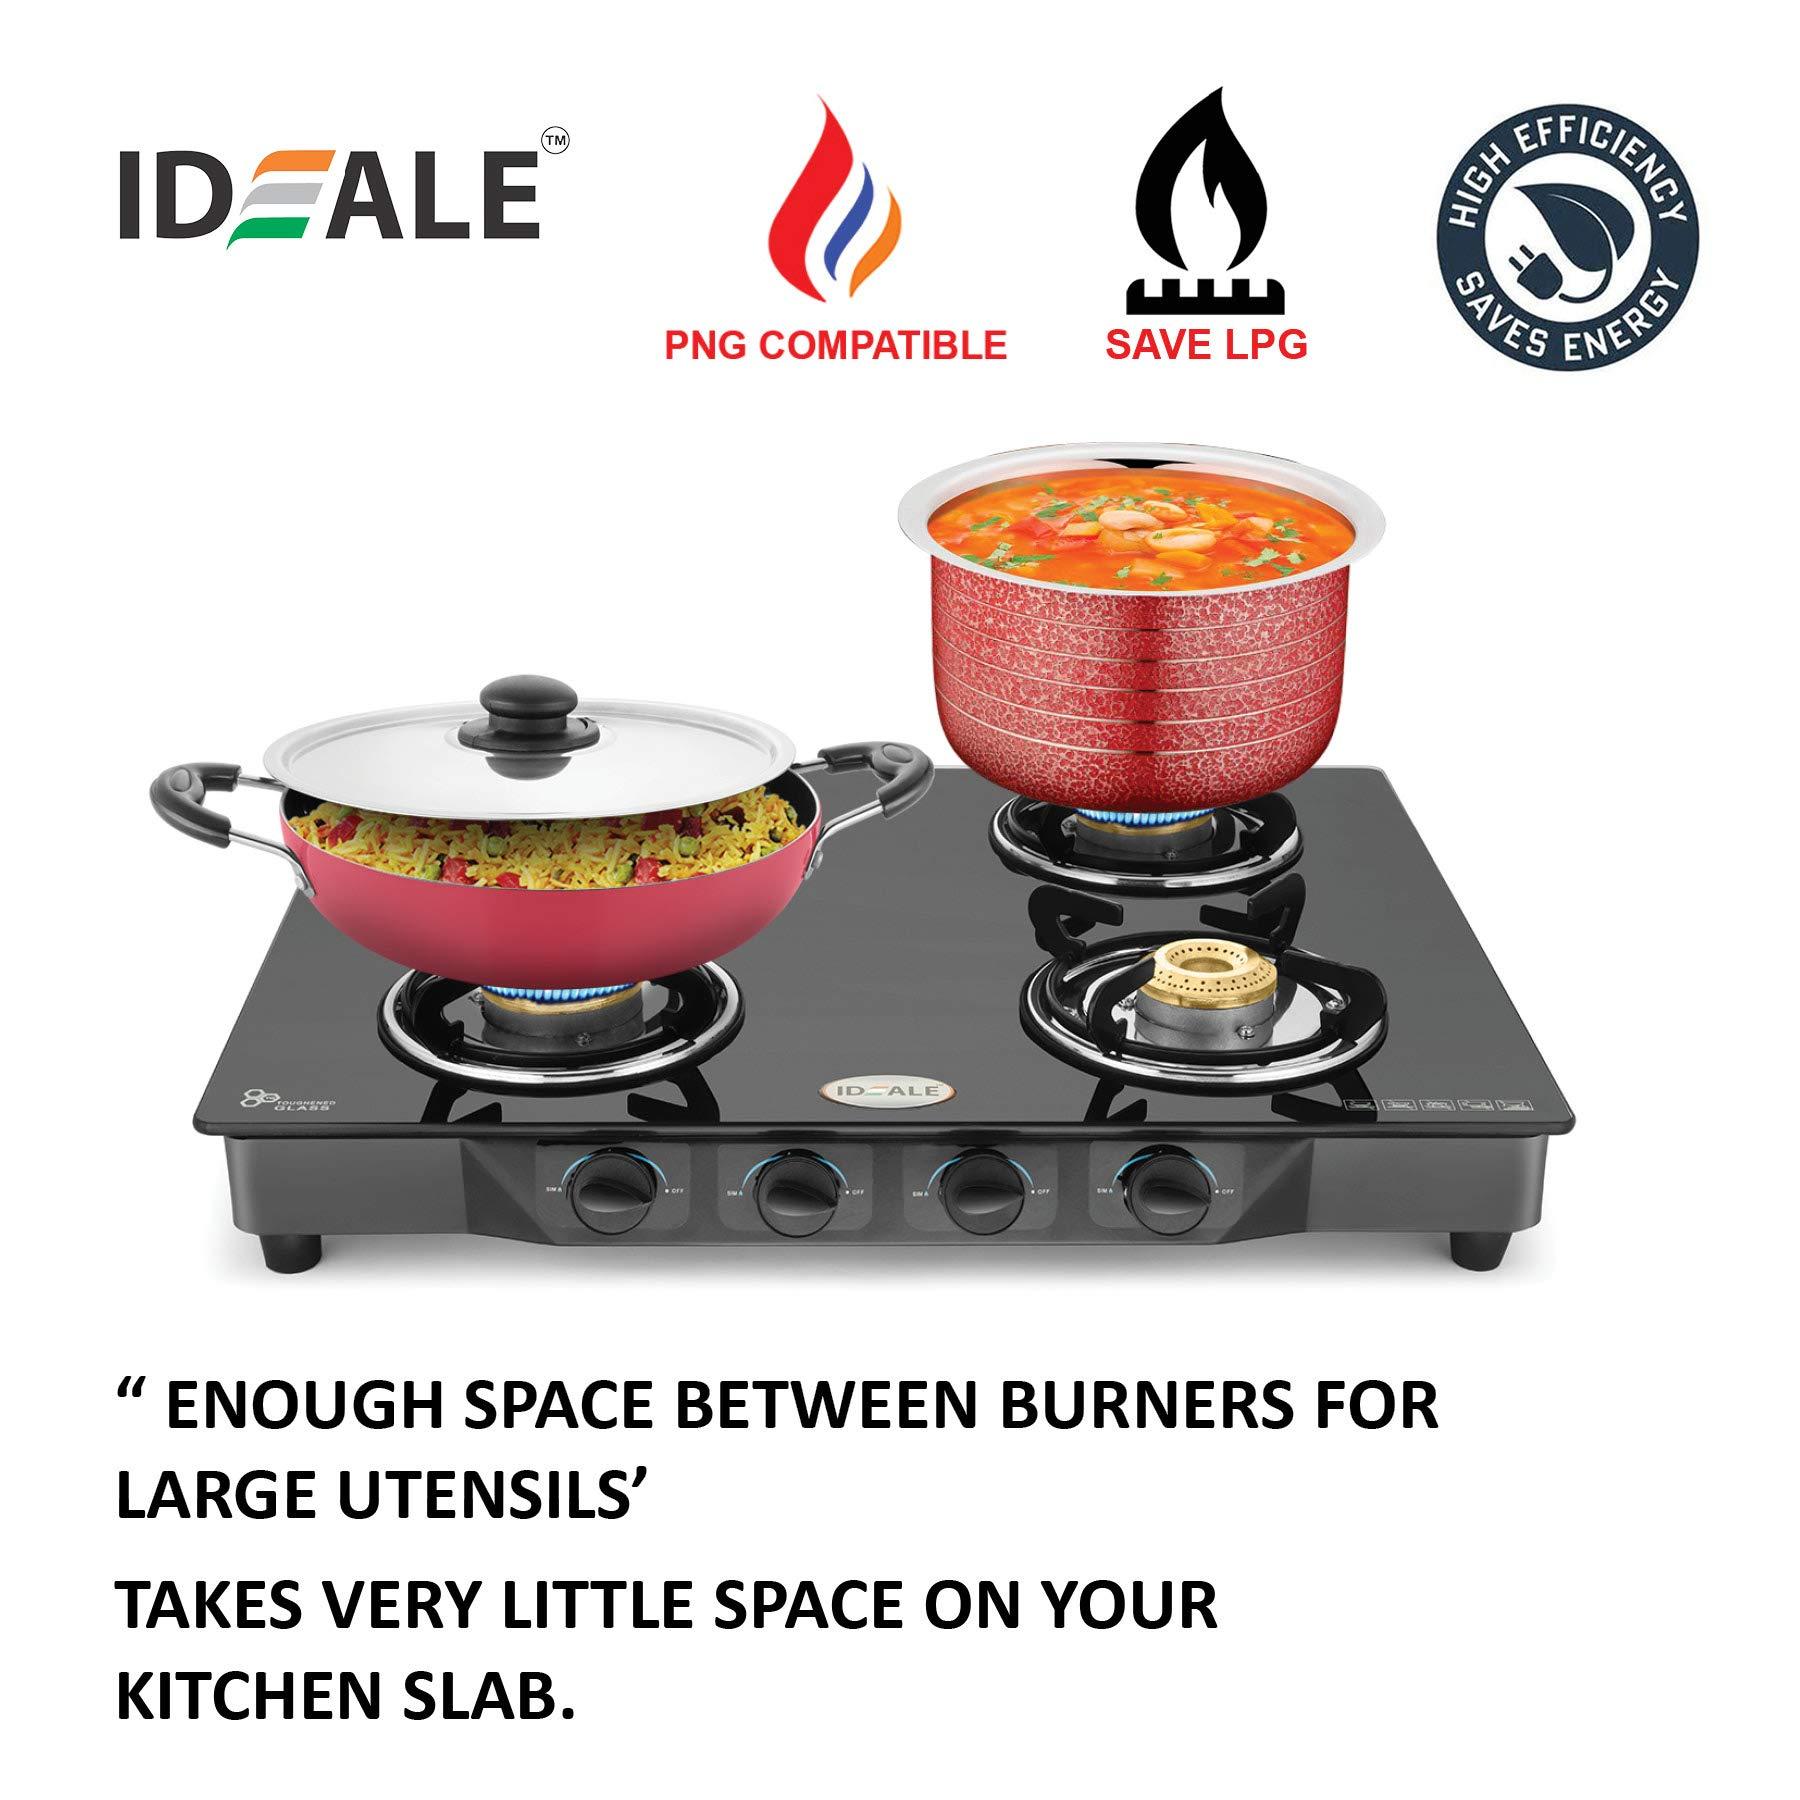 Great Cuisine Ideale Warranty